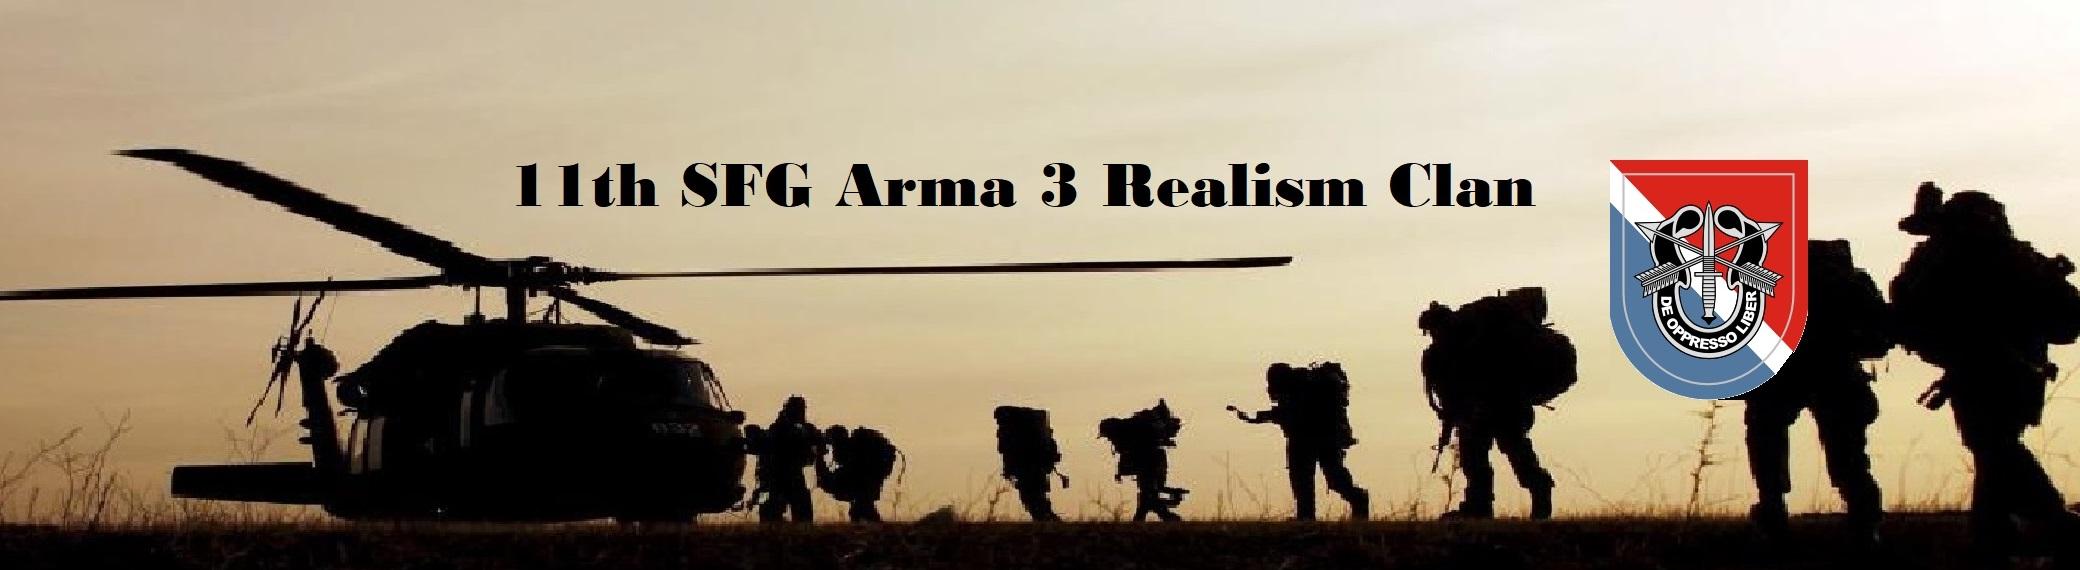 11th SFG / Arma 3 Realism Clan